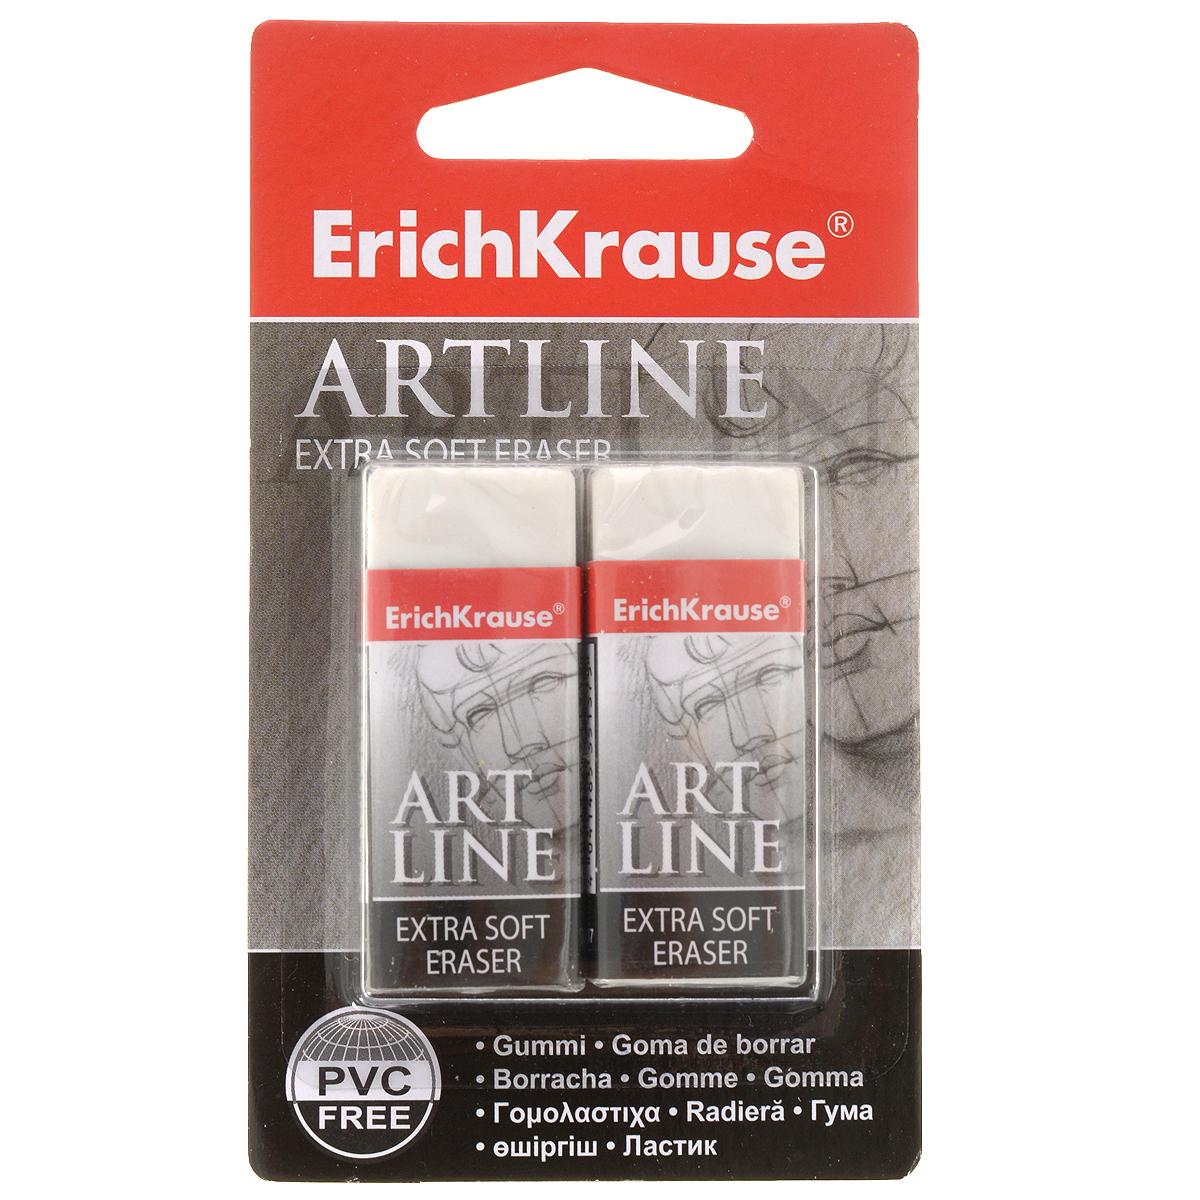 Набор ластиков Erich Krause Artlane, 2 шт84701ОНабор ластиков Erich Krause Artlaneстанет незаменимым аксессуаром на рабочем столе не только школьника или студента, но и офисного работника. Он прекрасно удаляет линии, оставленные карандашами. При стирании стружка от ластика скатывается в единый комок, а не рассыпается по всей поверхности бумаги. В комплекте два ластика.